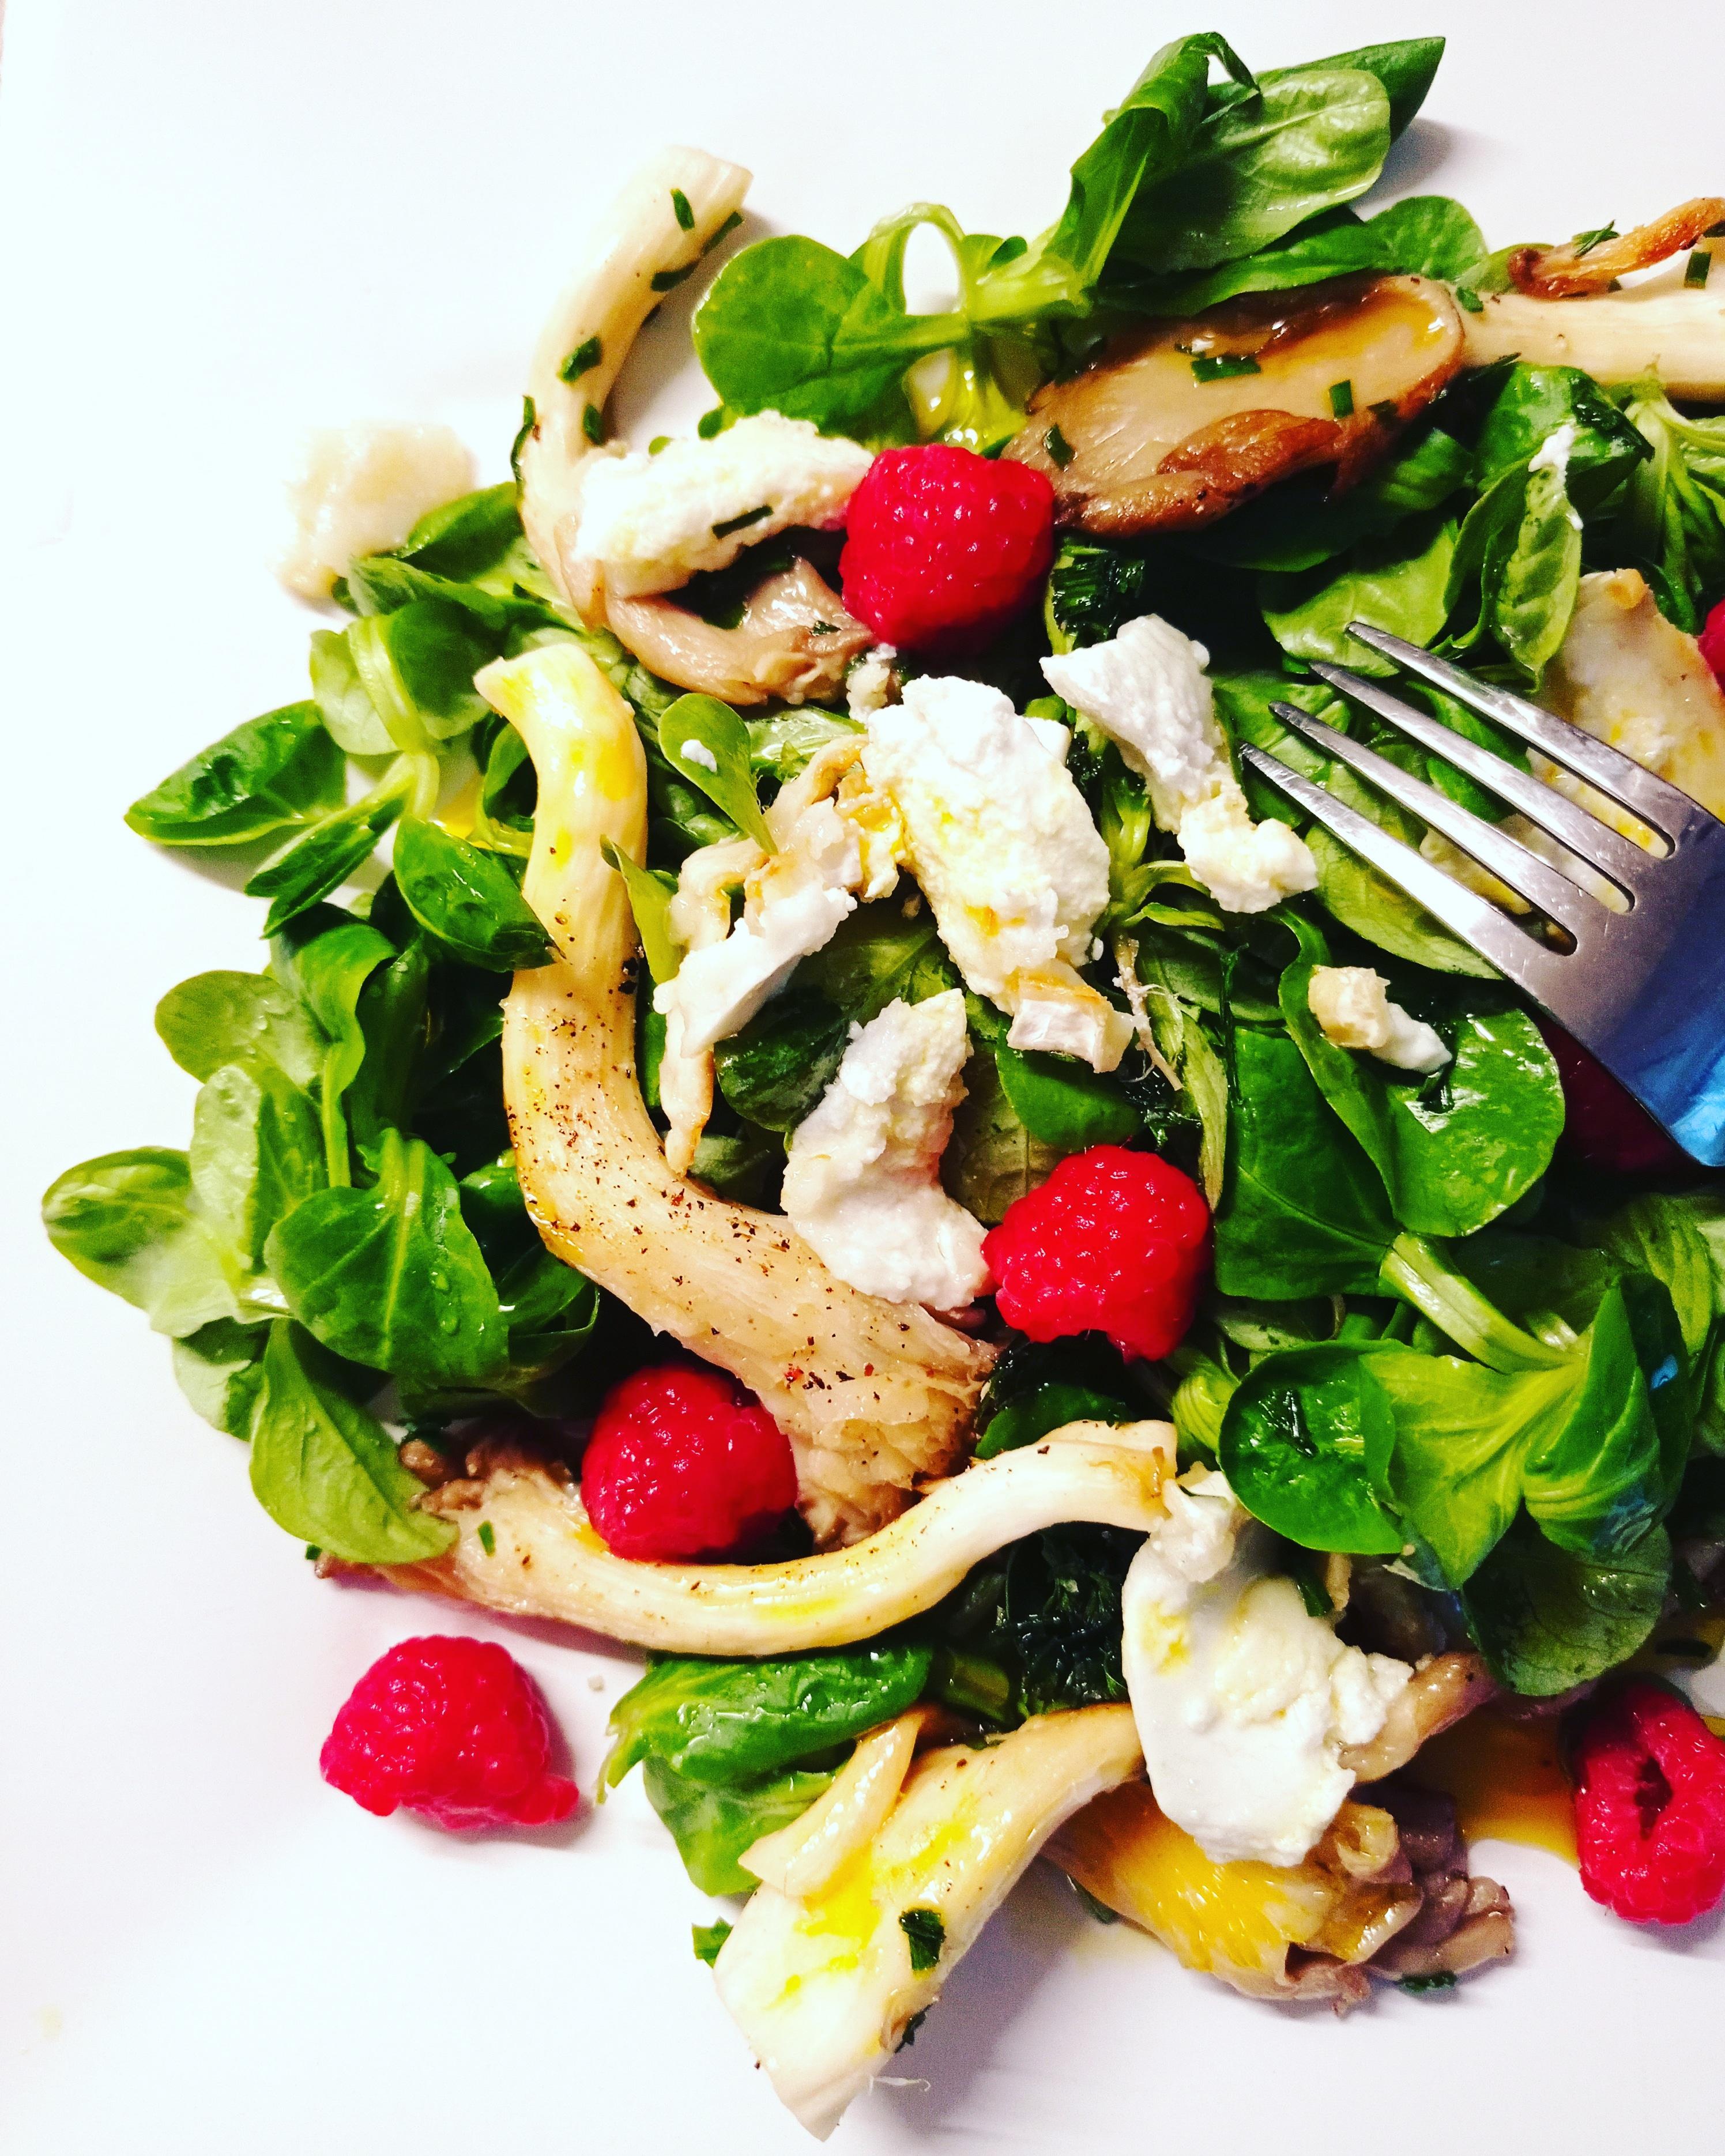 Salade de mâche aux champignons, vinaigrette aux framboises et chèvre chaud